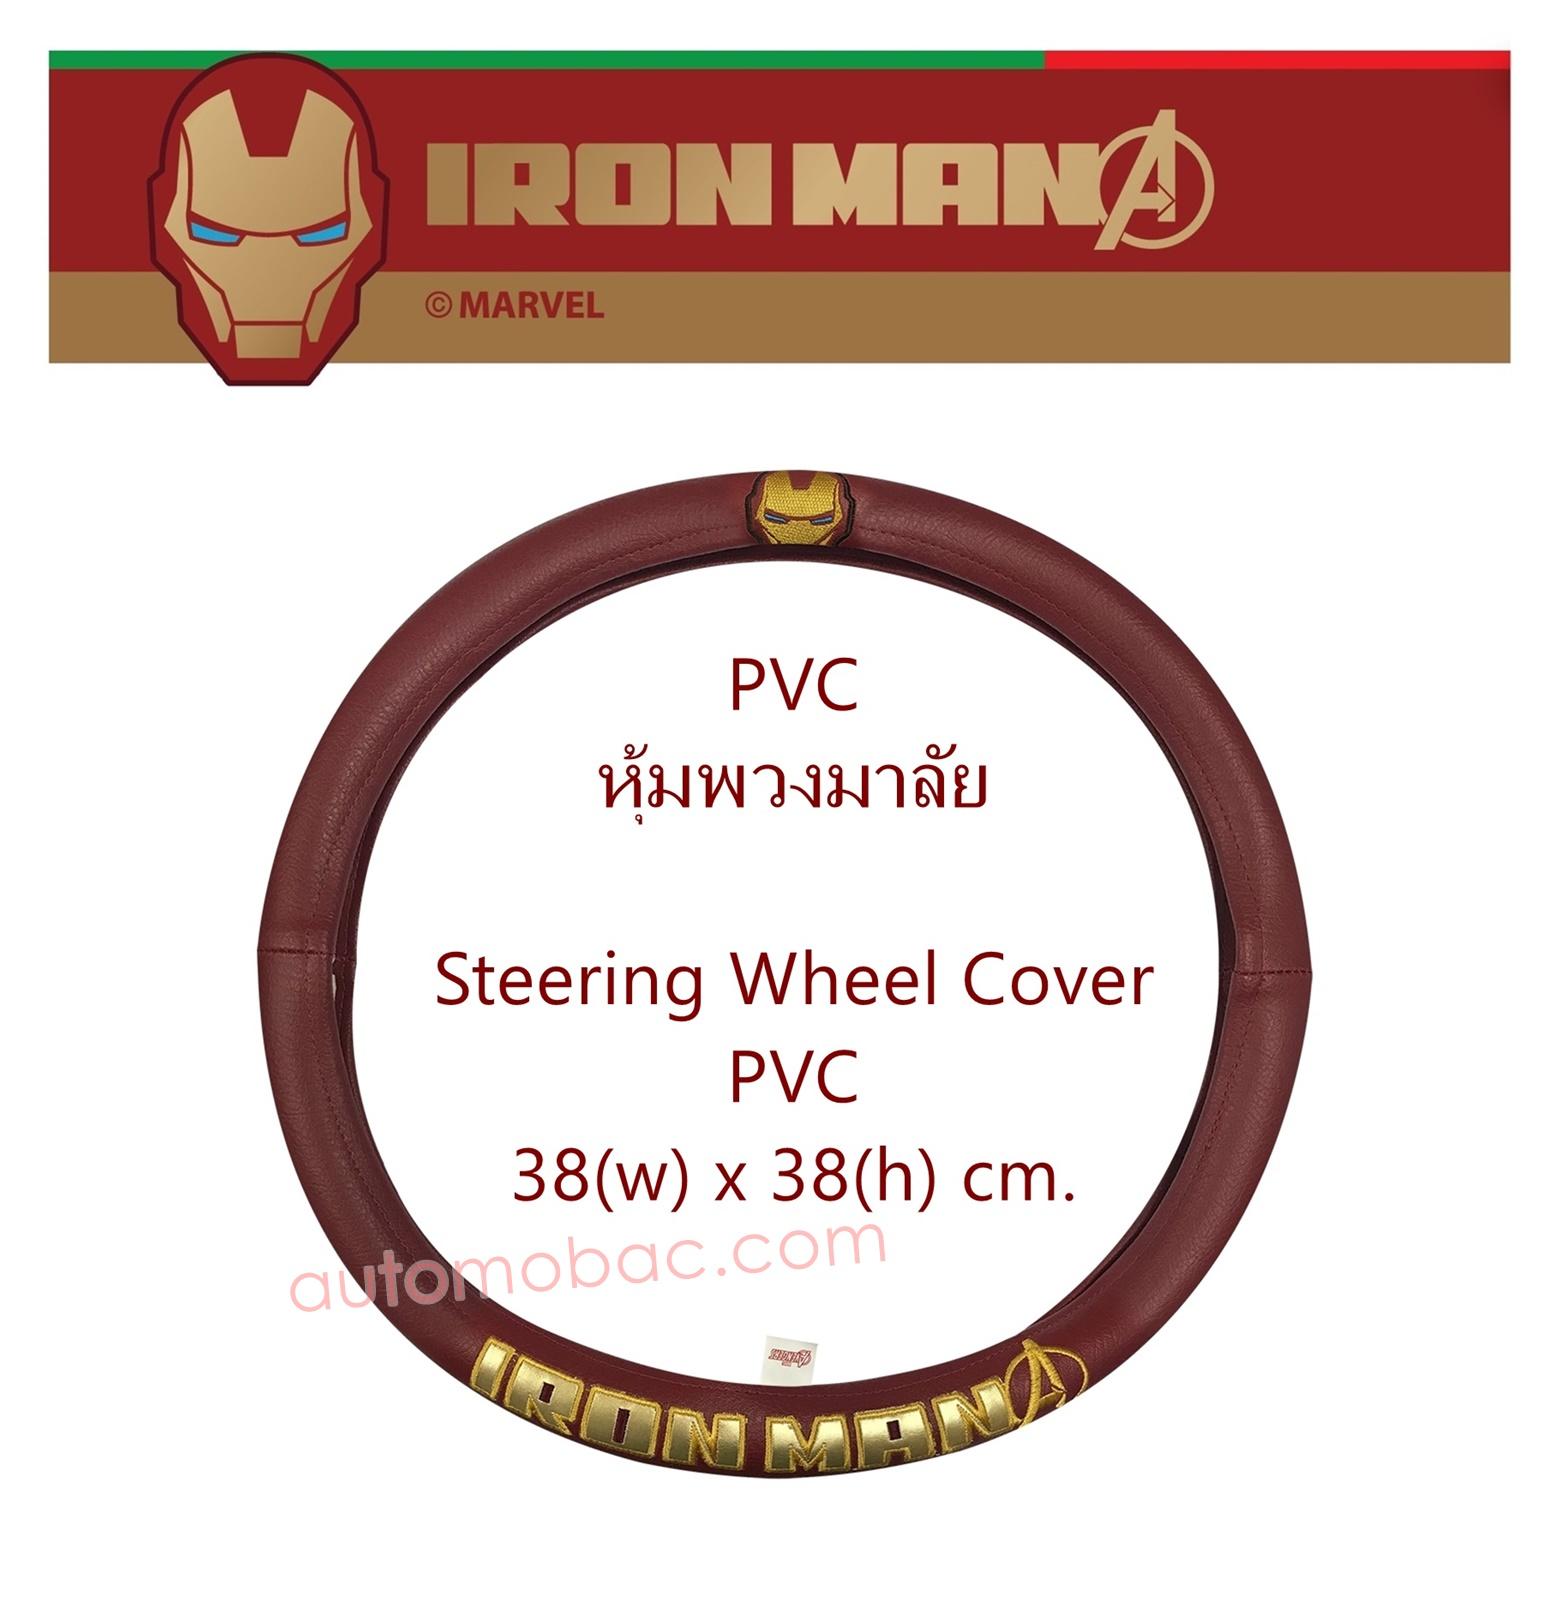 IRON-MAN ที่หุ้มพวงมาลัย หนัง PVC ปกป้องพวงมาลัยเดิม ให้มีสภาพใหม่ ตกแต่งสวยงาม งานลิขสิทธิ์แท้